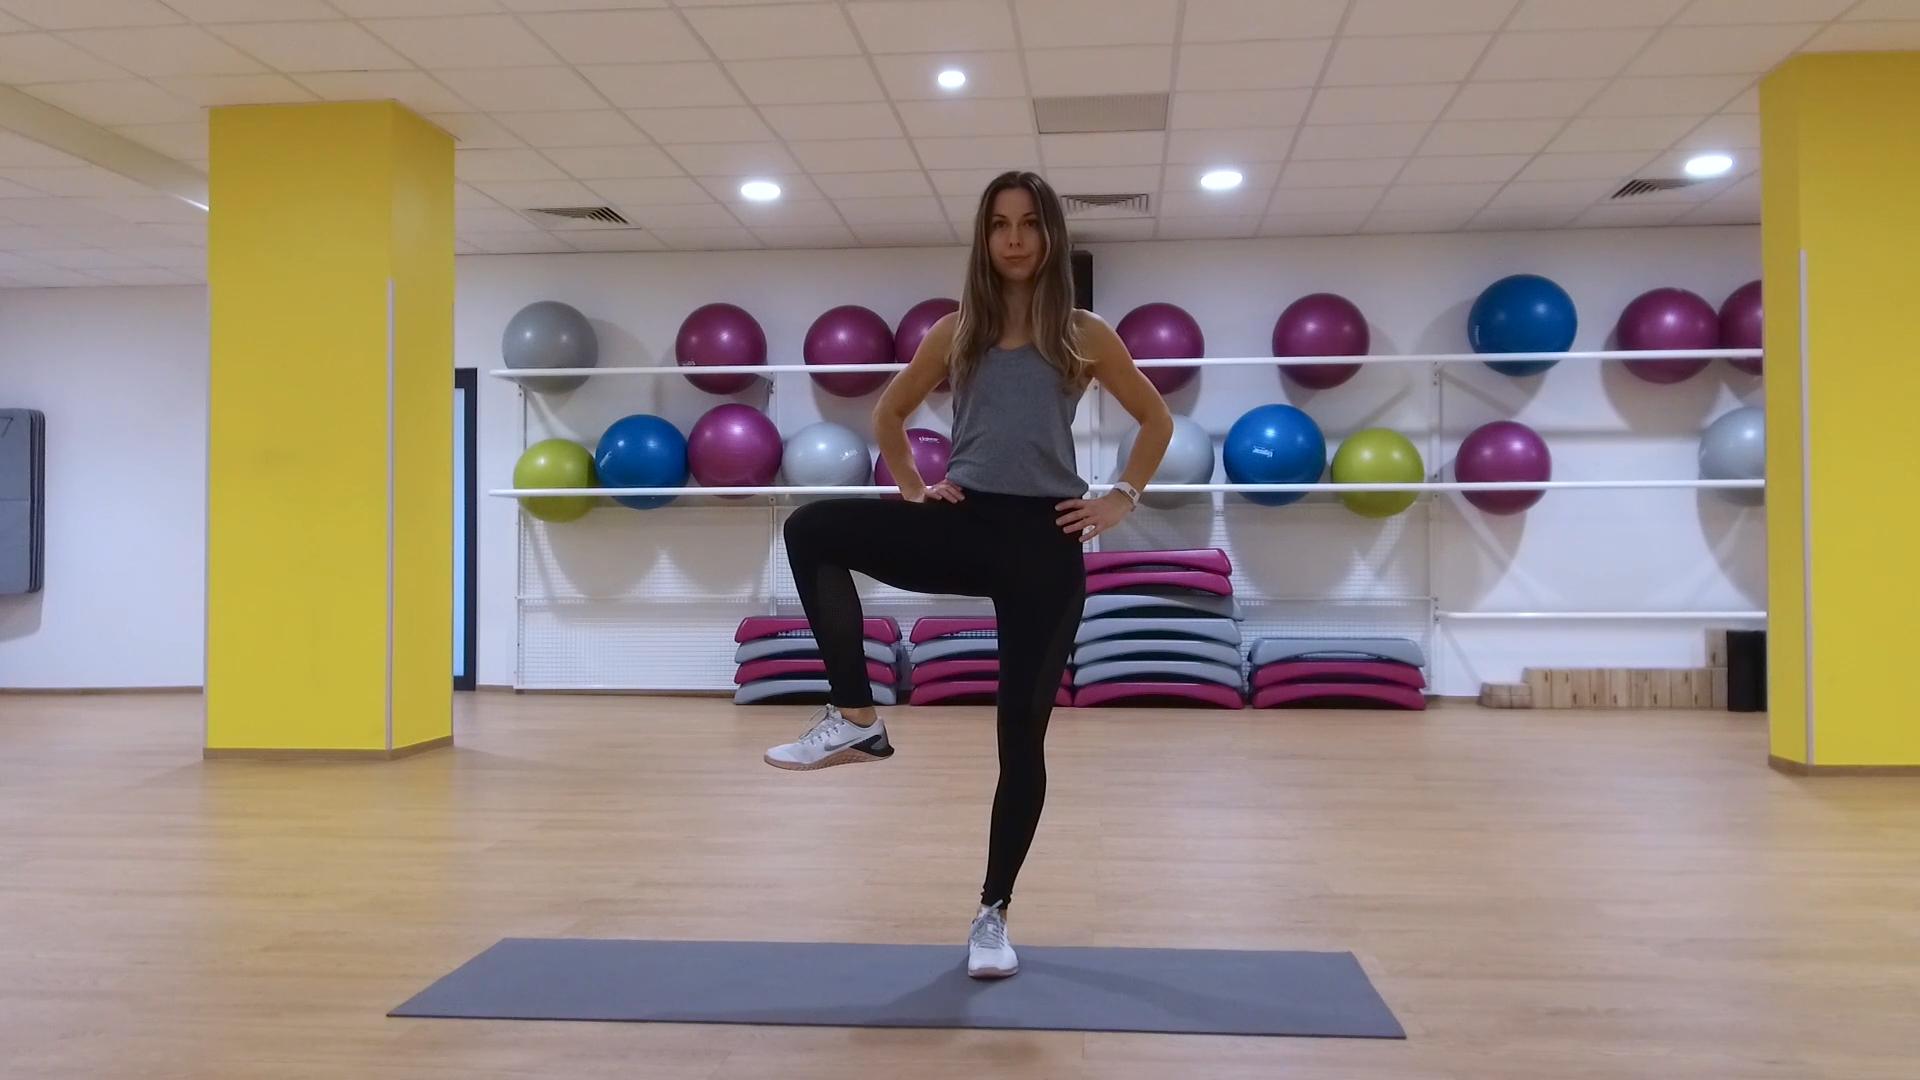 Jak ćwiczyć mięśnie dna miednicy w ciąży - zobacz przykładowe ćwiczenie stabilizacyjne